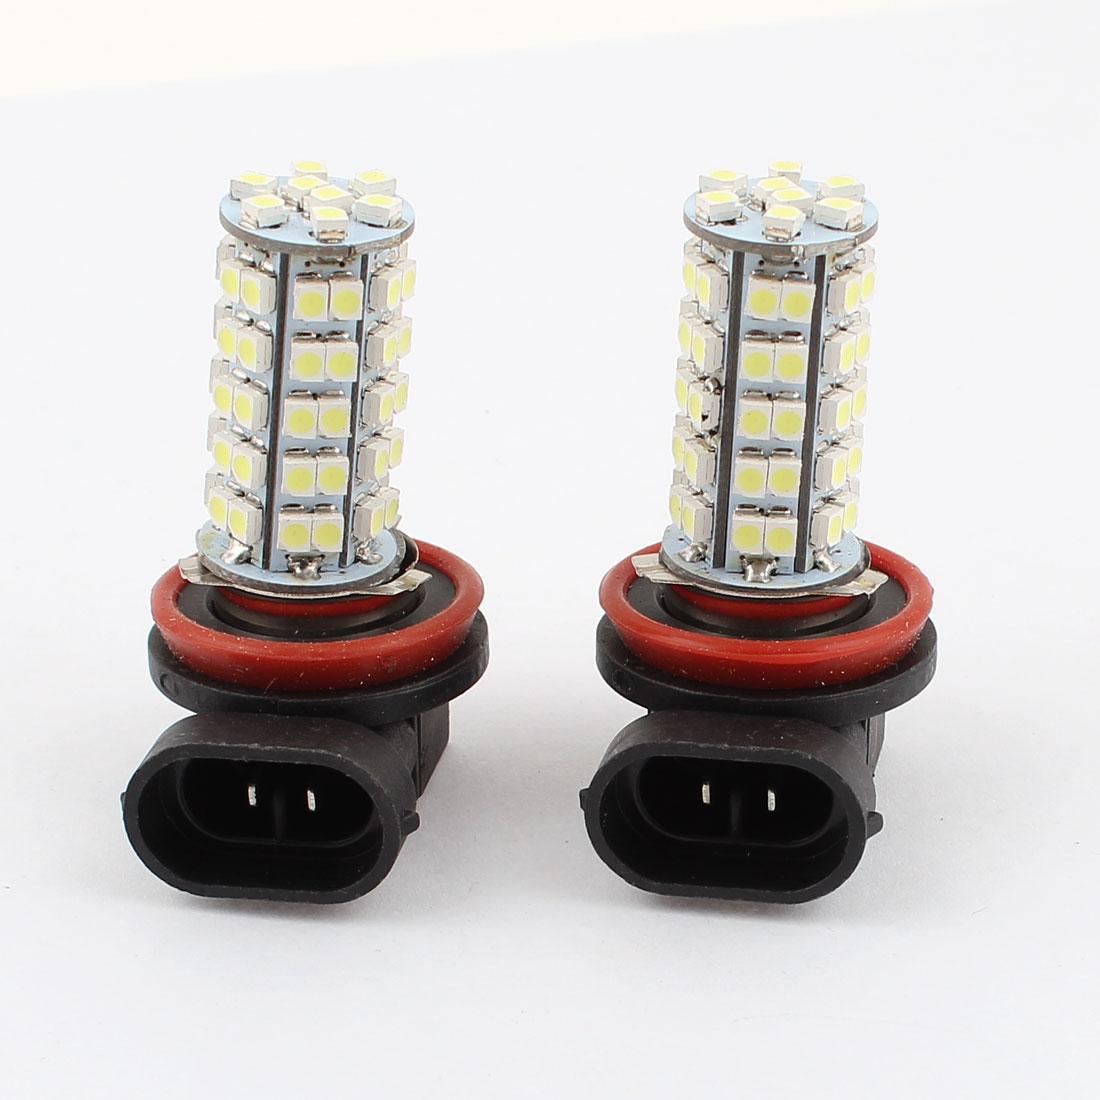 Car H11 Socket 1210 3528 SMD 68 LED White Foglight Light Lamp DC 12V 2 Pcs